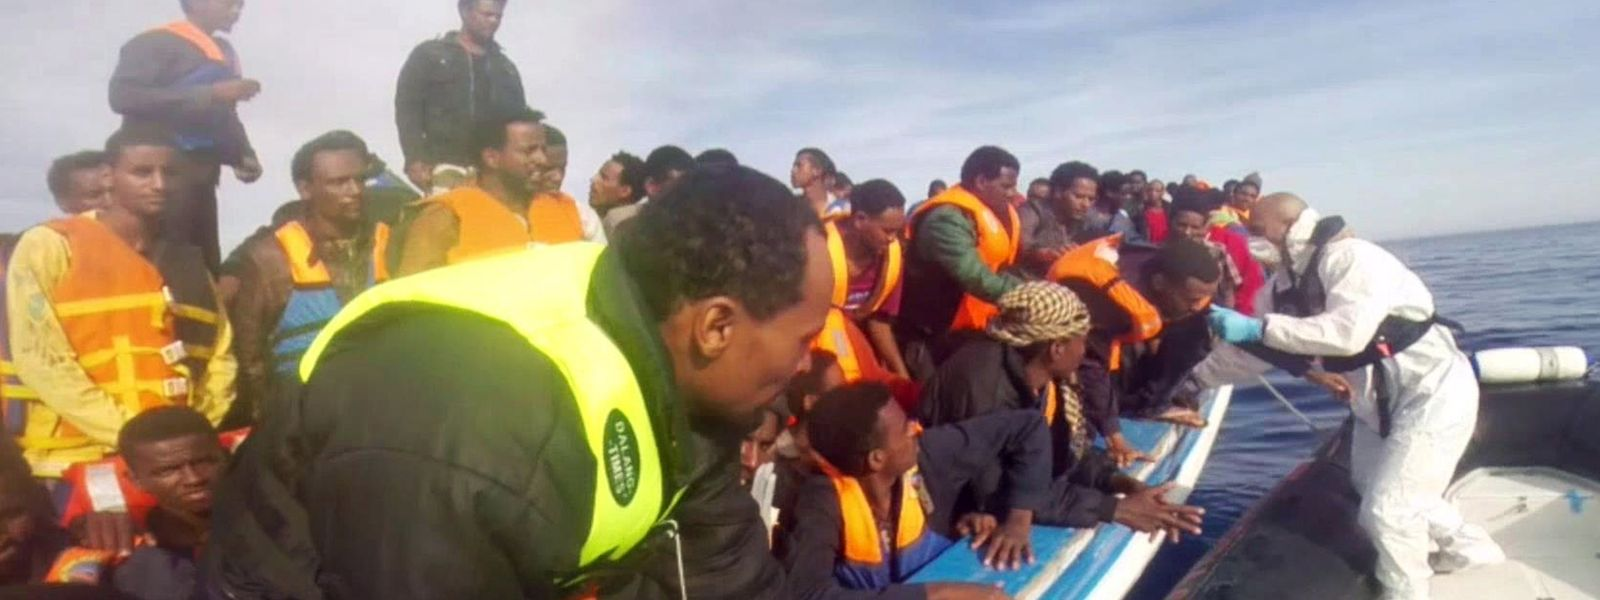 Die EU-Staaten (hier ein Foto der italienischen Küstenwache) verstärken ihre Bemühungen zur Rettung von Flüchtlingen im Mittelmeer.